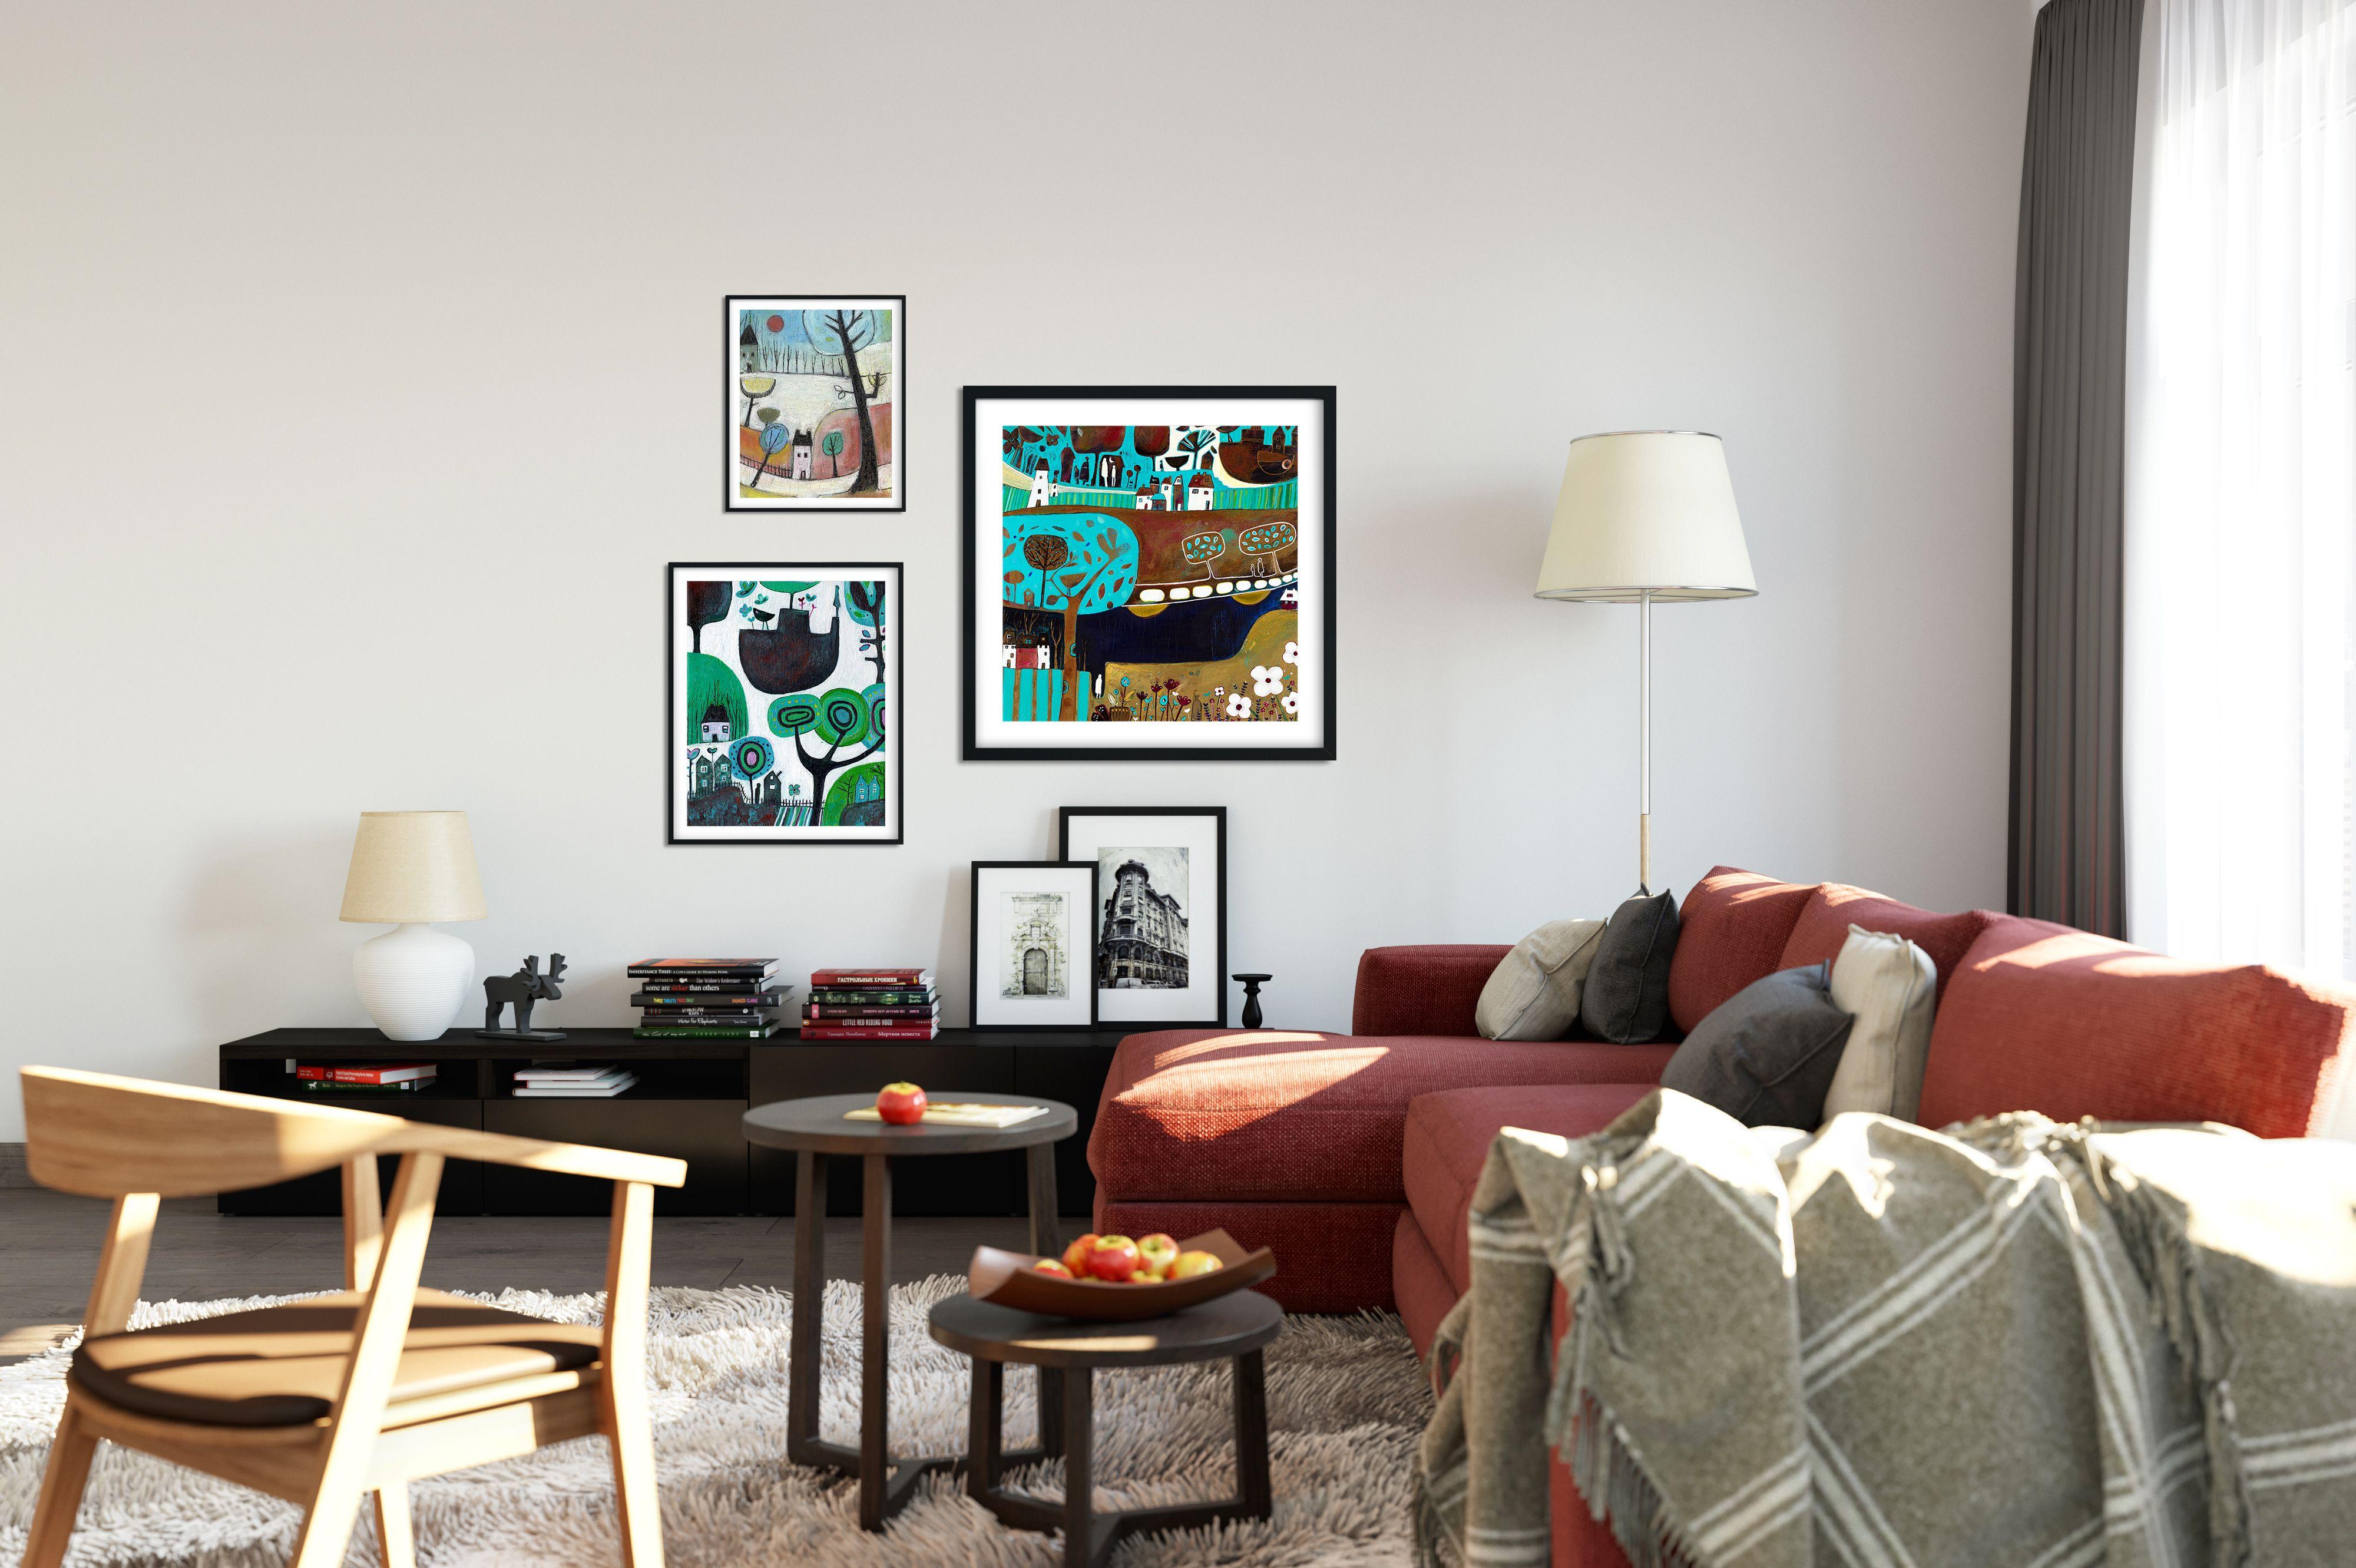 Beautiful Landscape Acrylic Painting For Living Room #Laylart #Laylartstudio #Acrylic